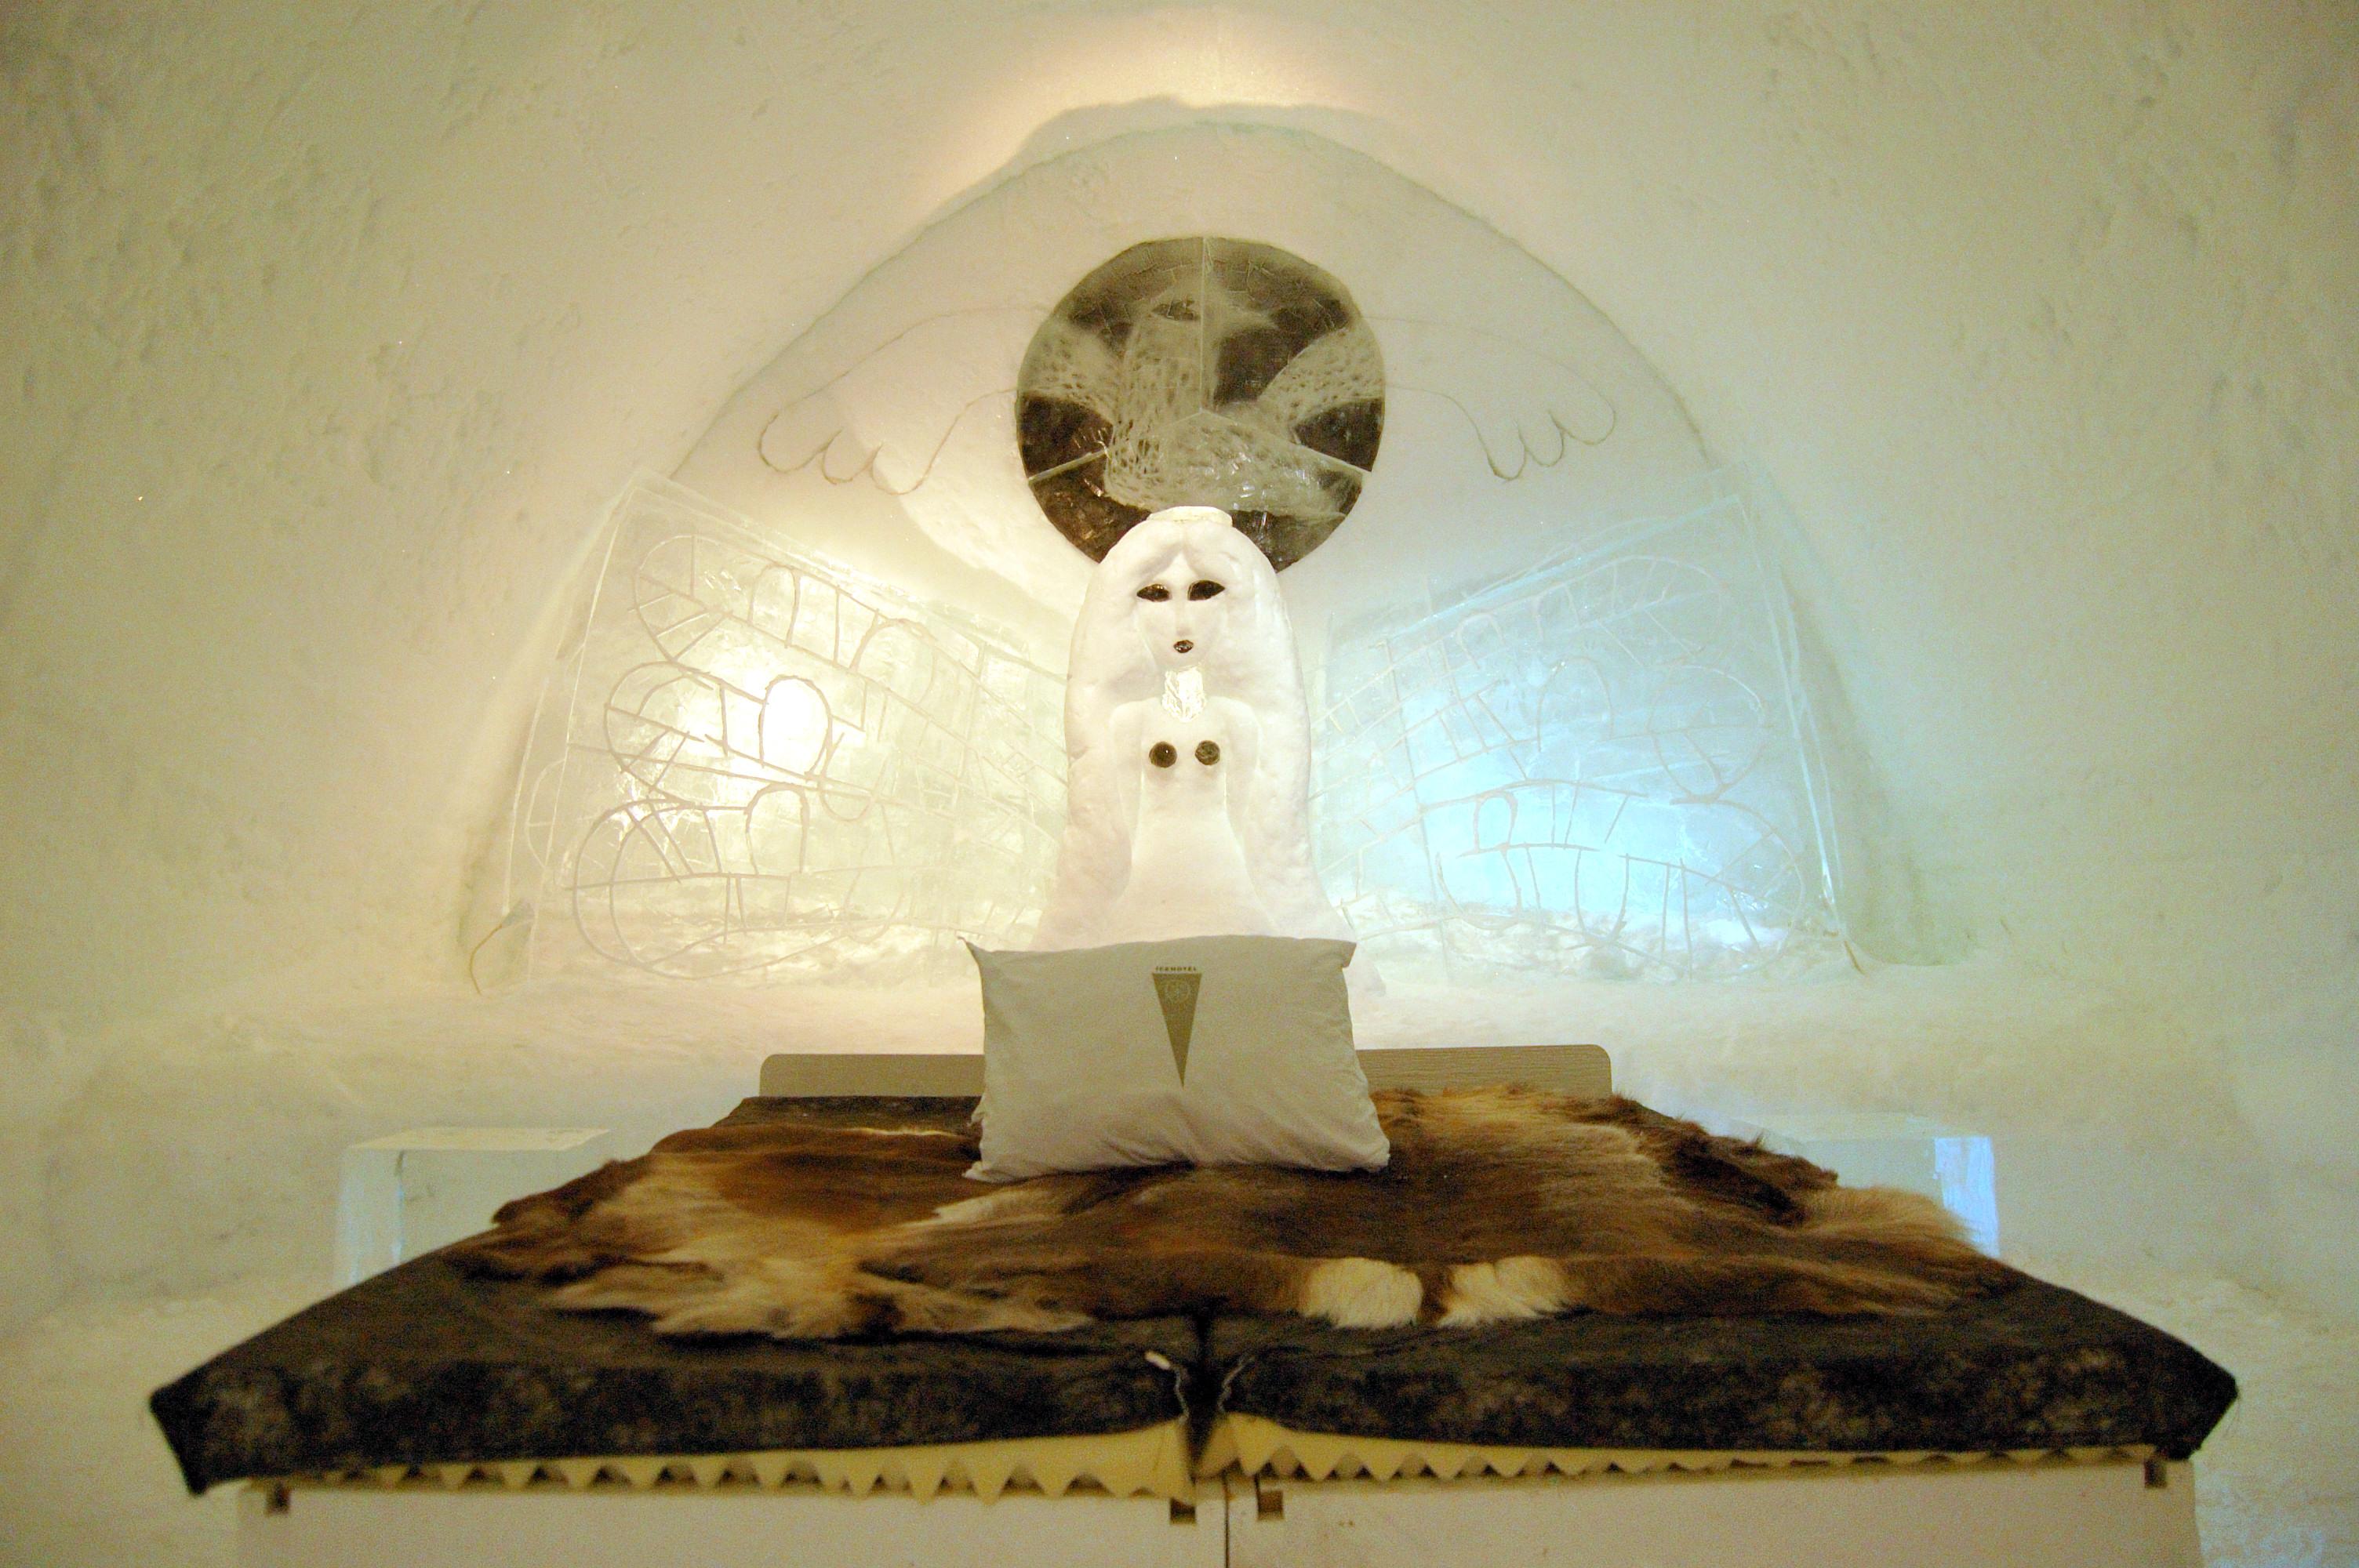 Nietypowe wakacje w lodowym pokoju